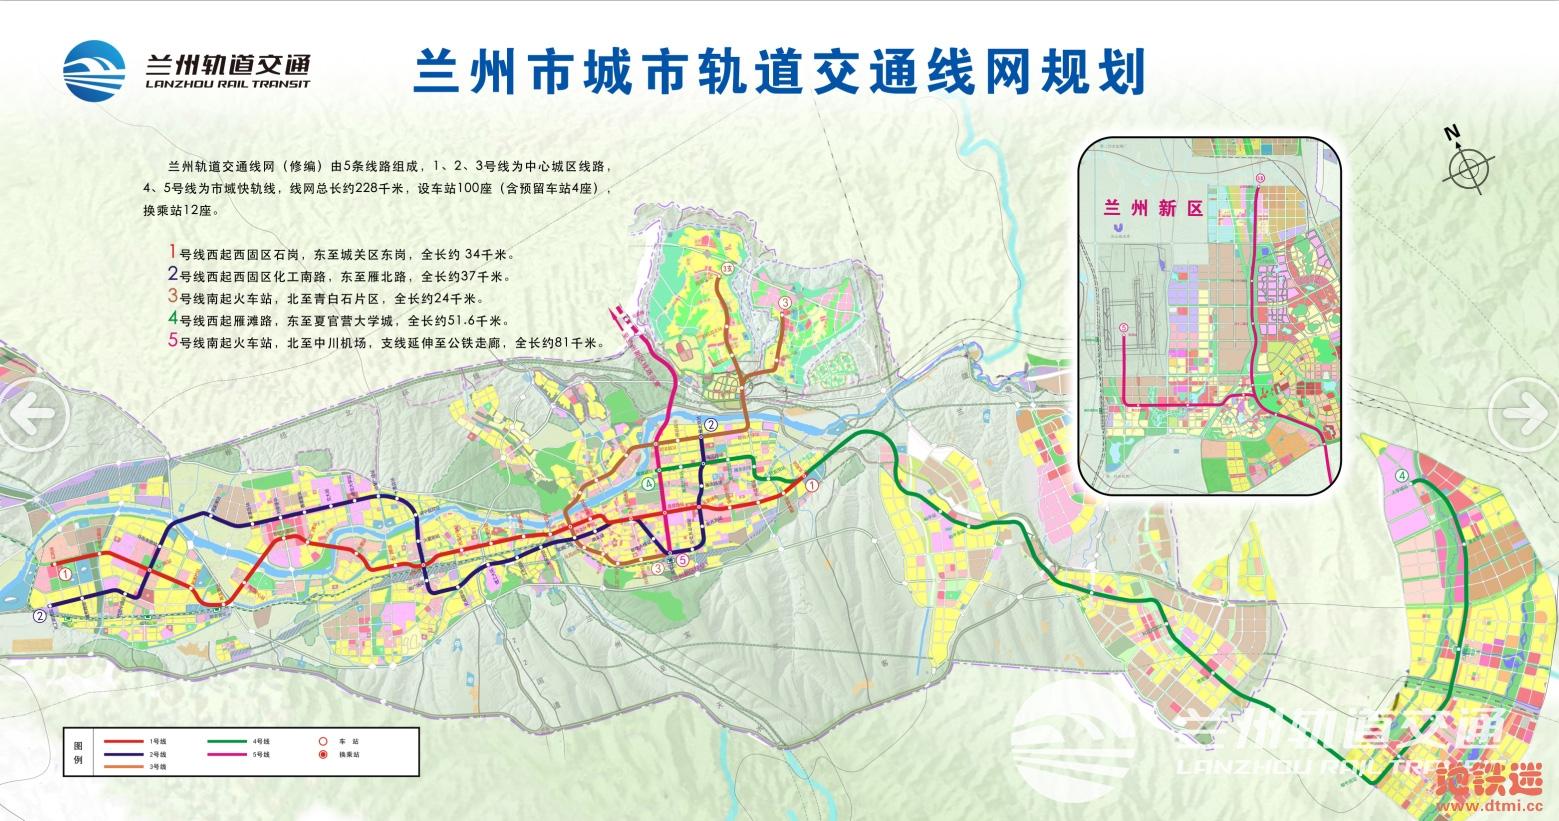 兰州地铁线网规划图.png